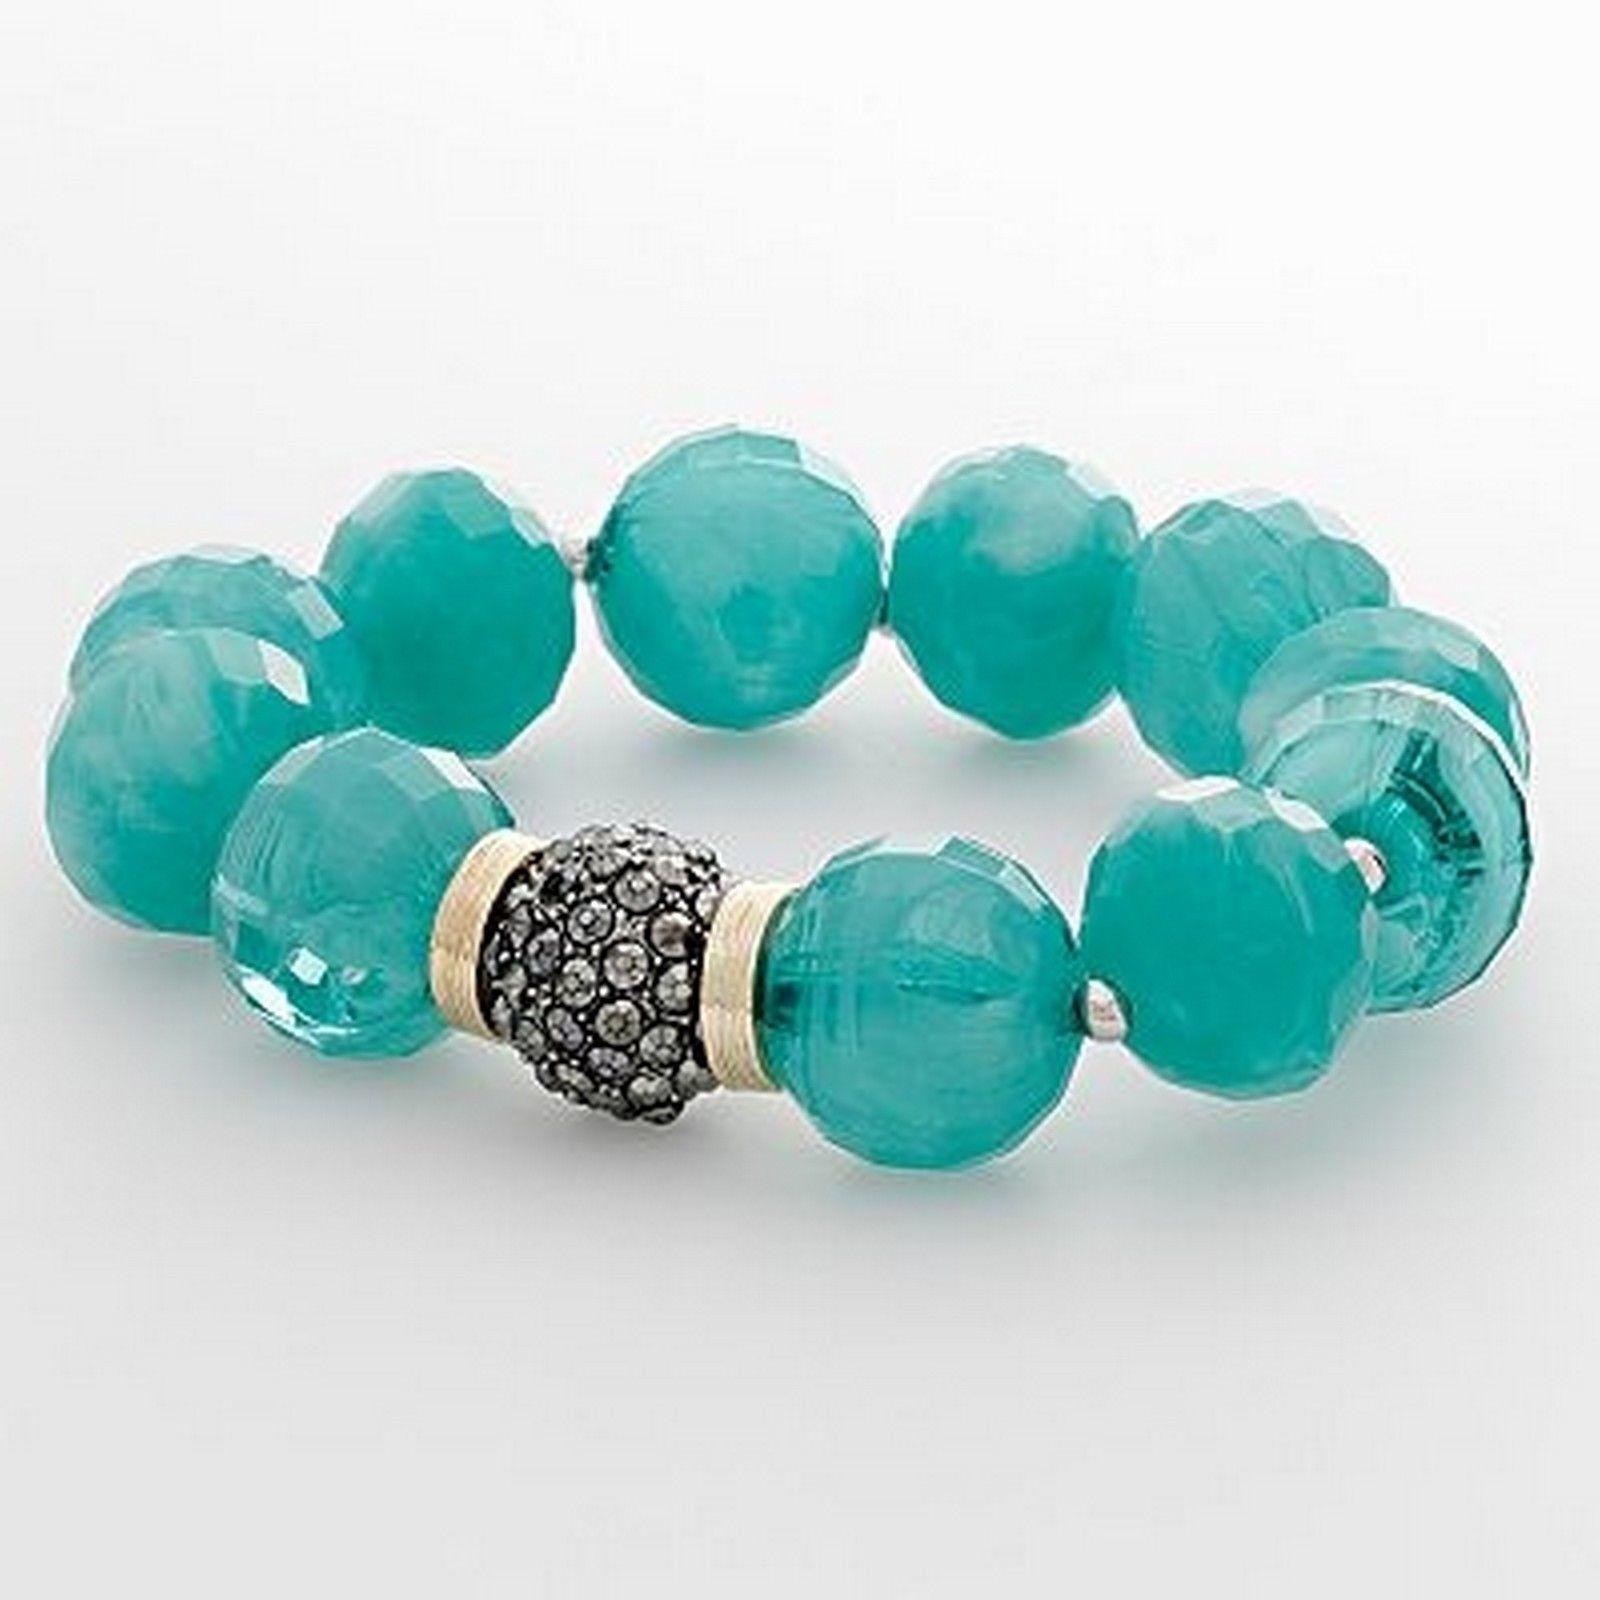 Napier Tri Tone Faceted Aqua Bead Stretch Bracelet Nickel Safe